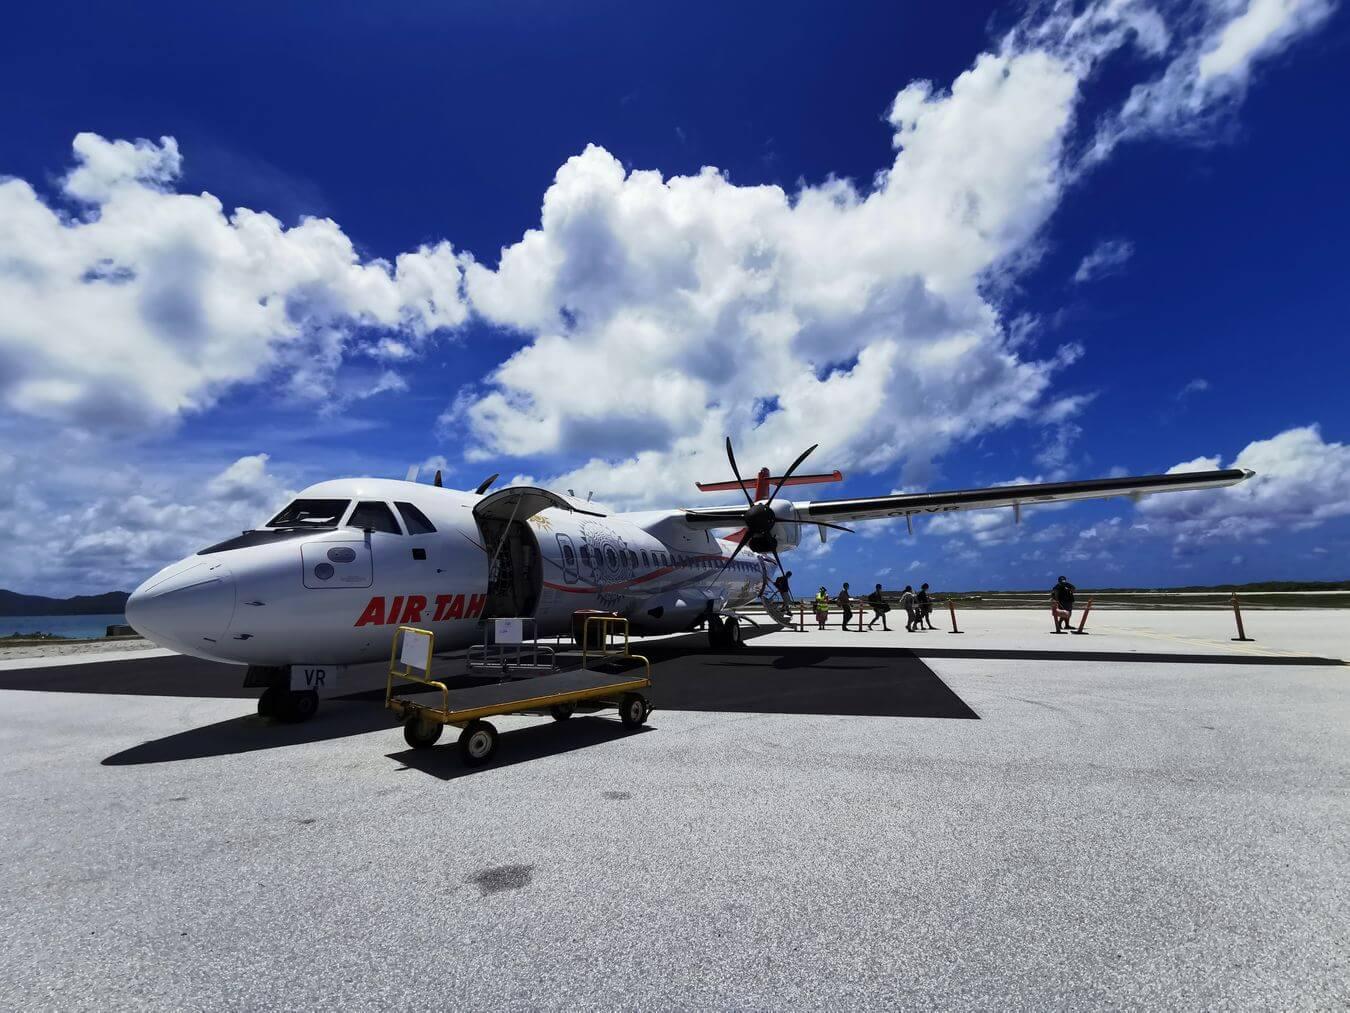 Séjour aux Gambier avec Air Tahiti